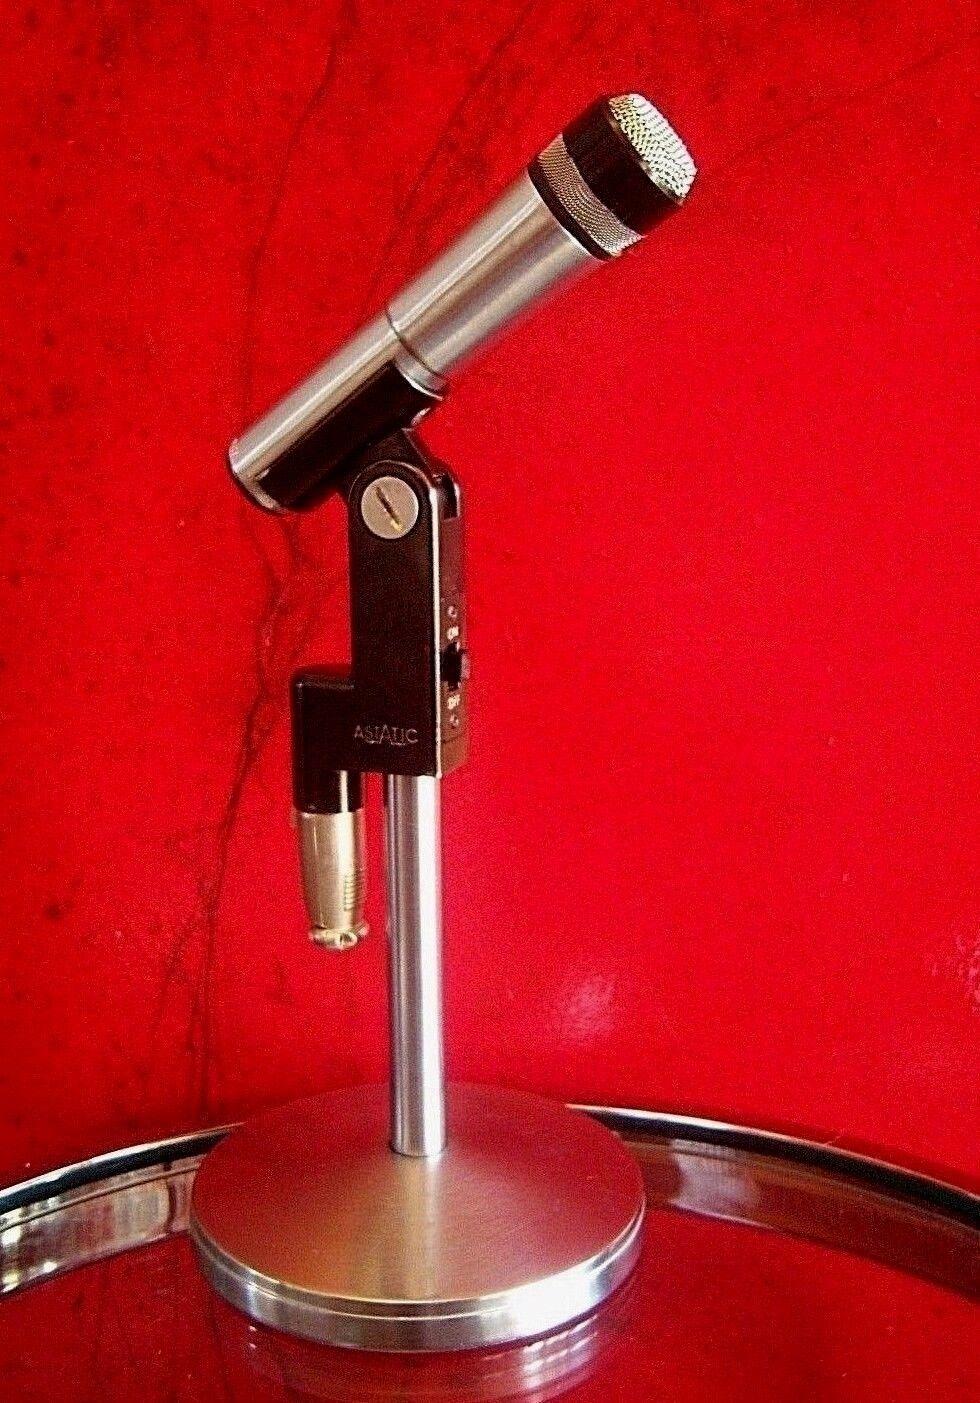 Vintage década de de de 1960 Cardioide Micrófono dinámico Astatic 810-S Antiguo Shure W conector c4a0f5